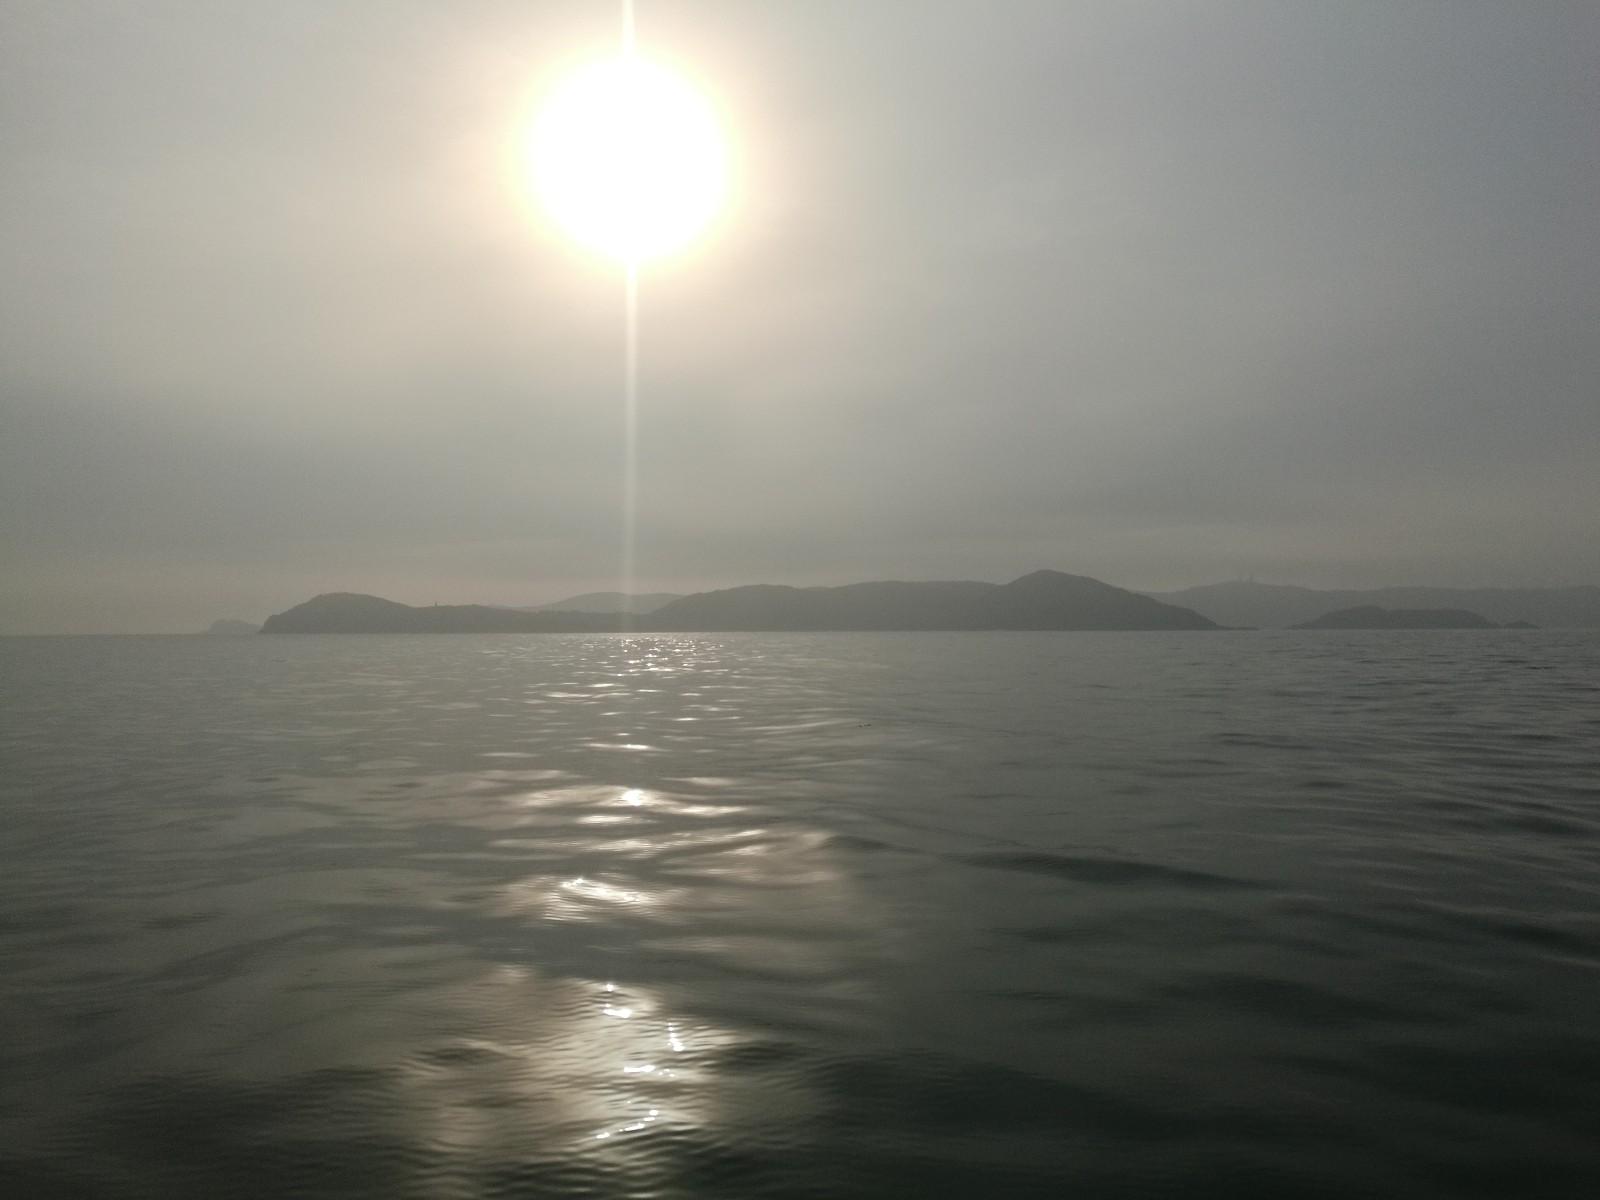 nbsp,岛屿,只能,一样,海域 真正的历练才刚刚开始,航海就是挑战自己——唐山号返航记(中篇)  102938barm9ppn